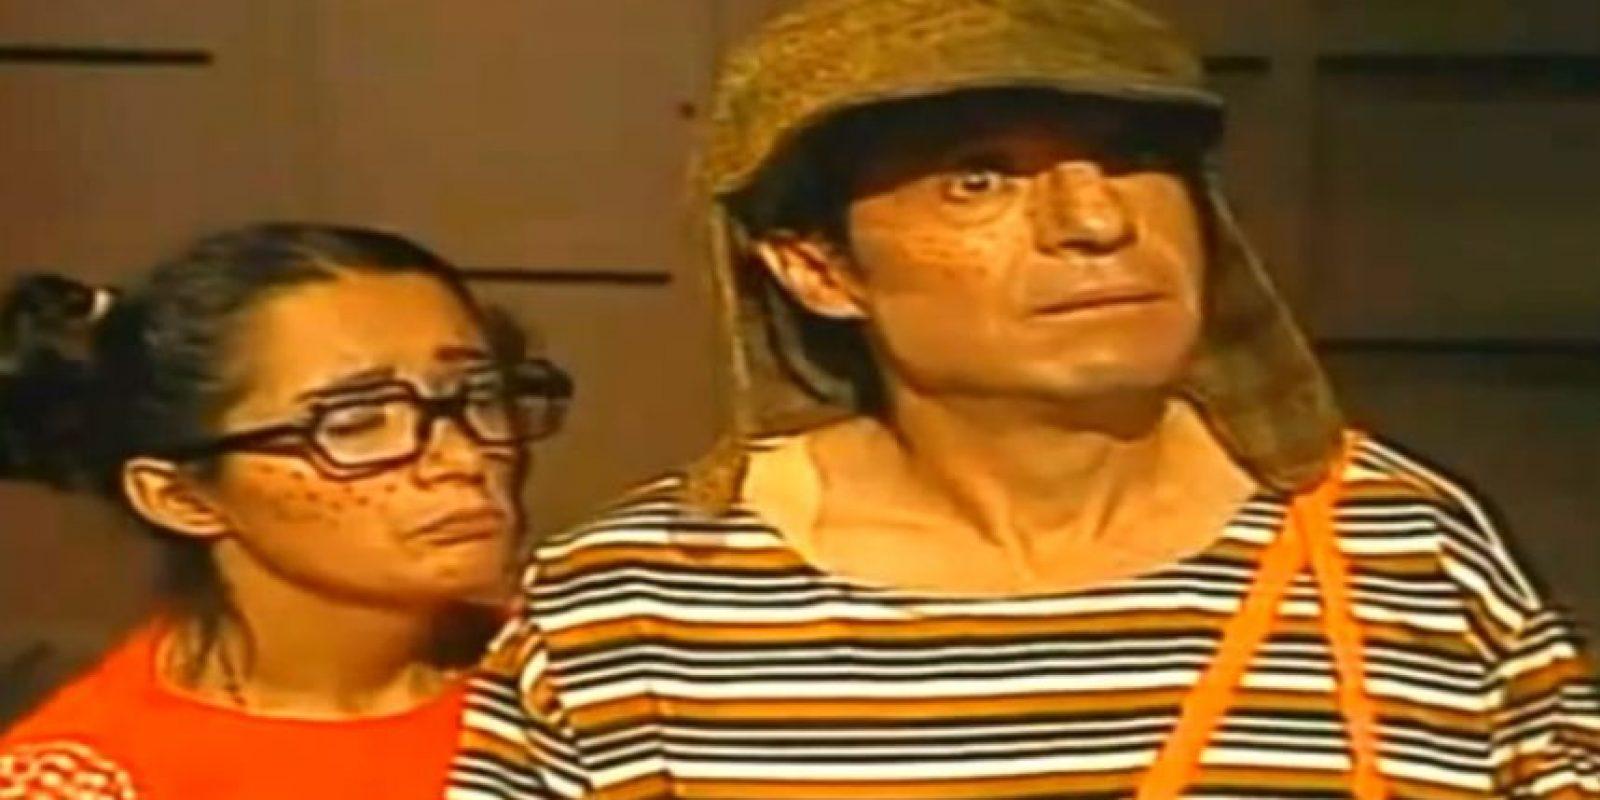 Don Ramón le ofrece una torta de jamón. Pero no se la puede dar porque dice que no sabe dónde conseguirla. Este fue uno de los episodios icónicos de la serie que marcó a millones en Latinoamérica, España y Estados Unidos. Foto:Televisa/Youtube